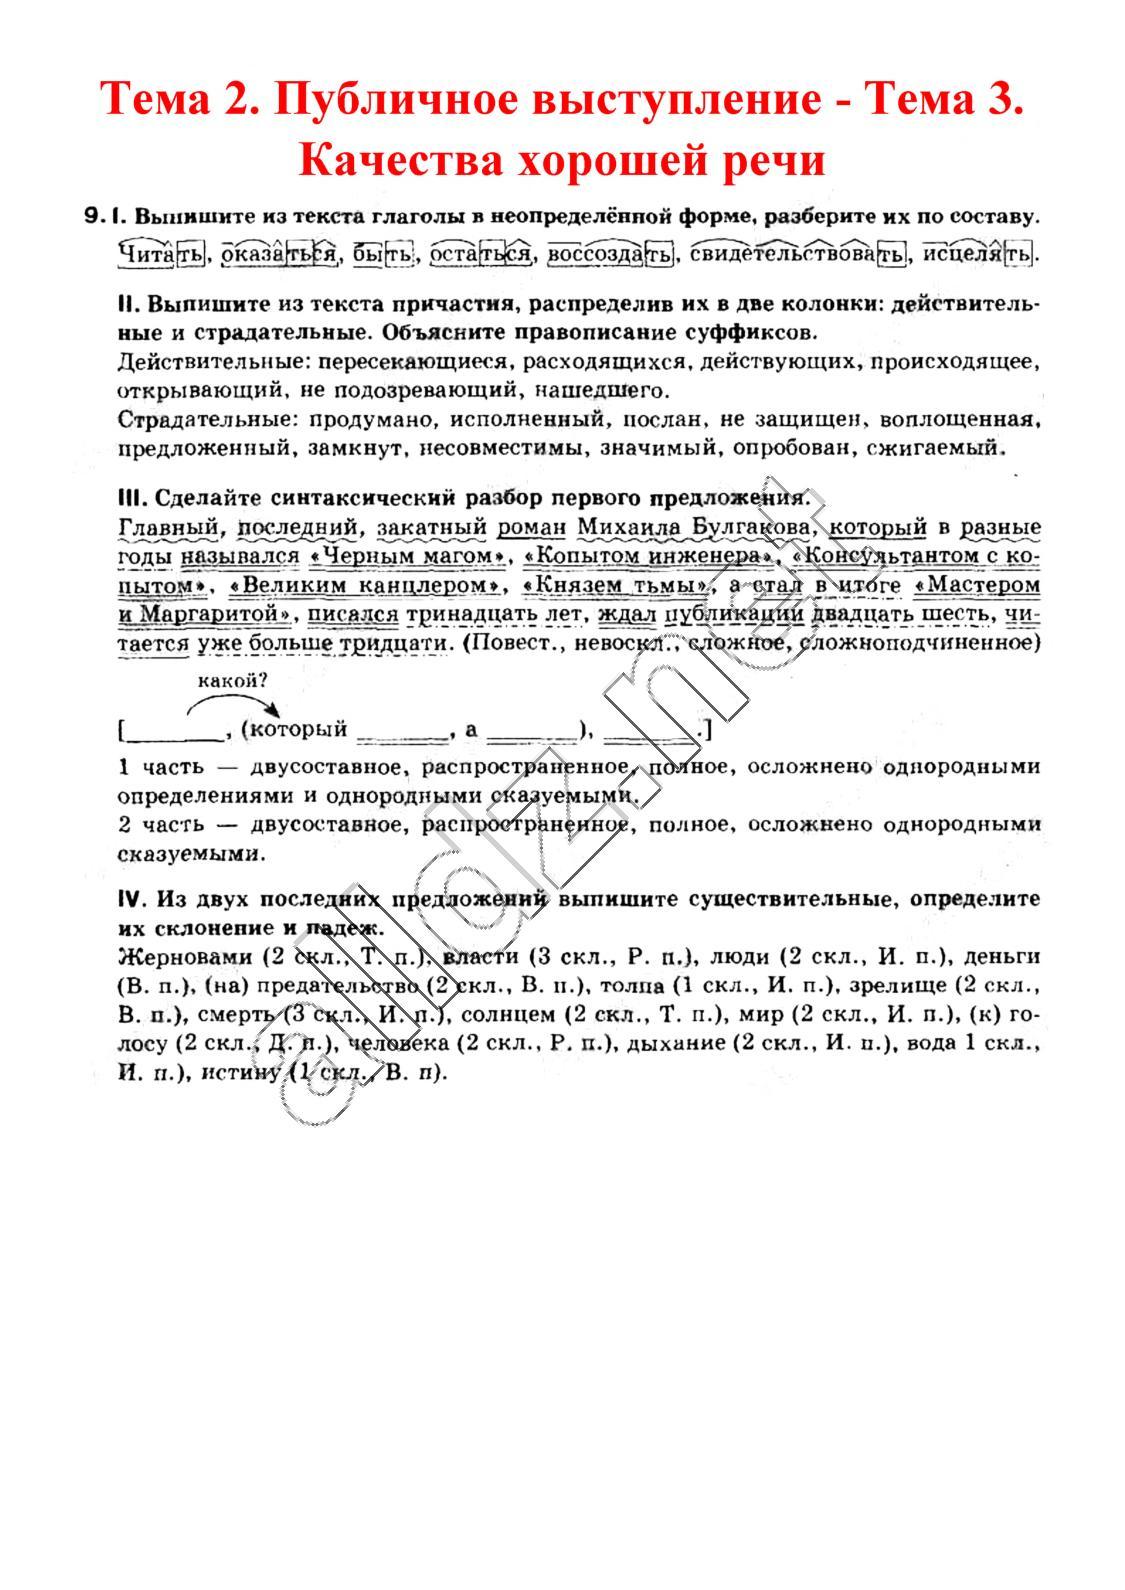 Русский язык 11 класс давидюк скачать